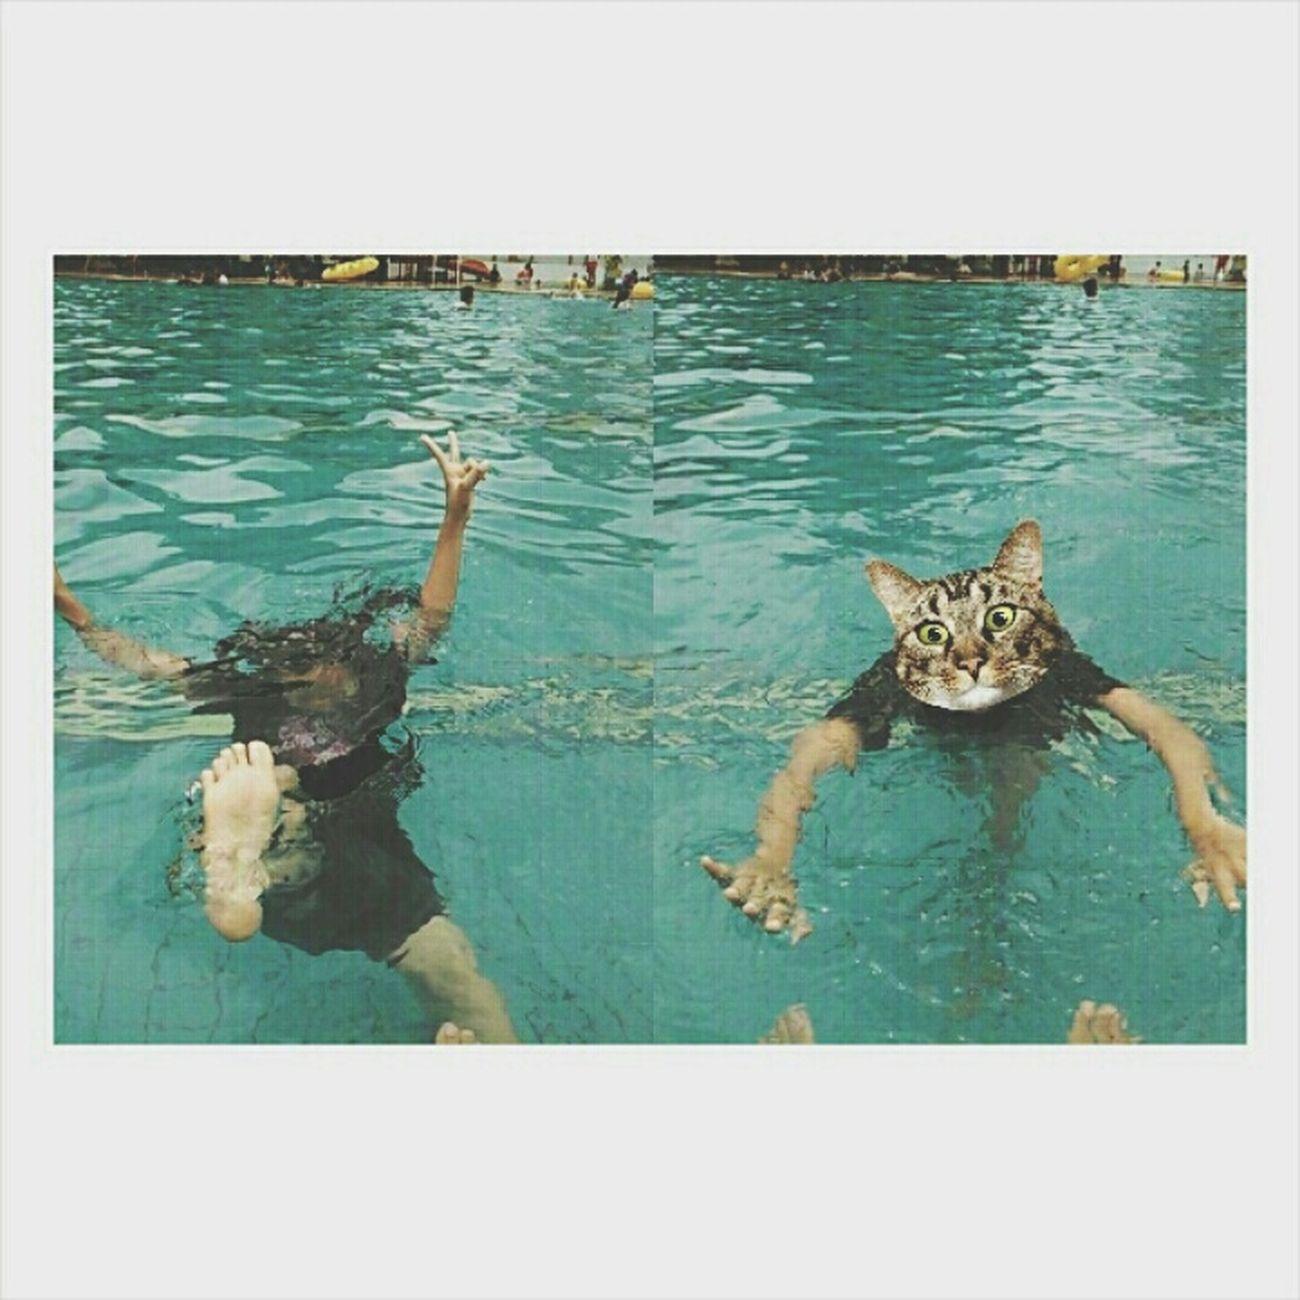 yesterday Swimming 🏊🙋